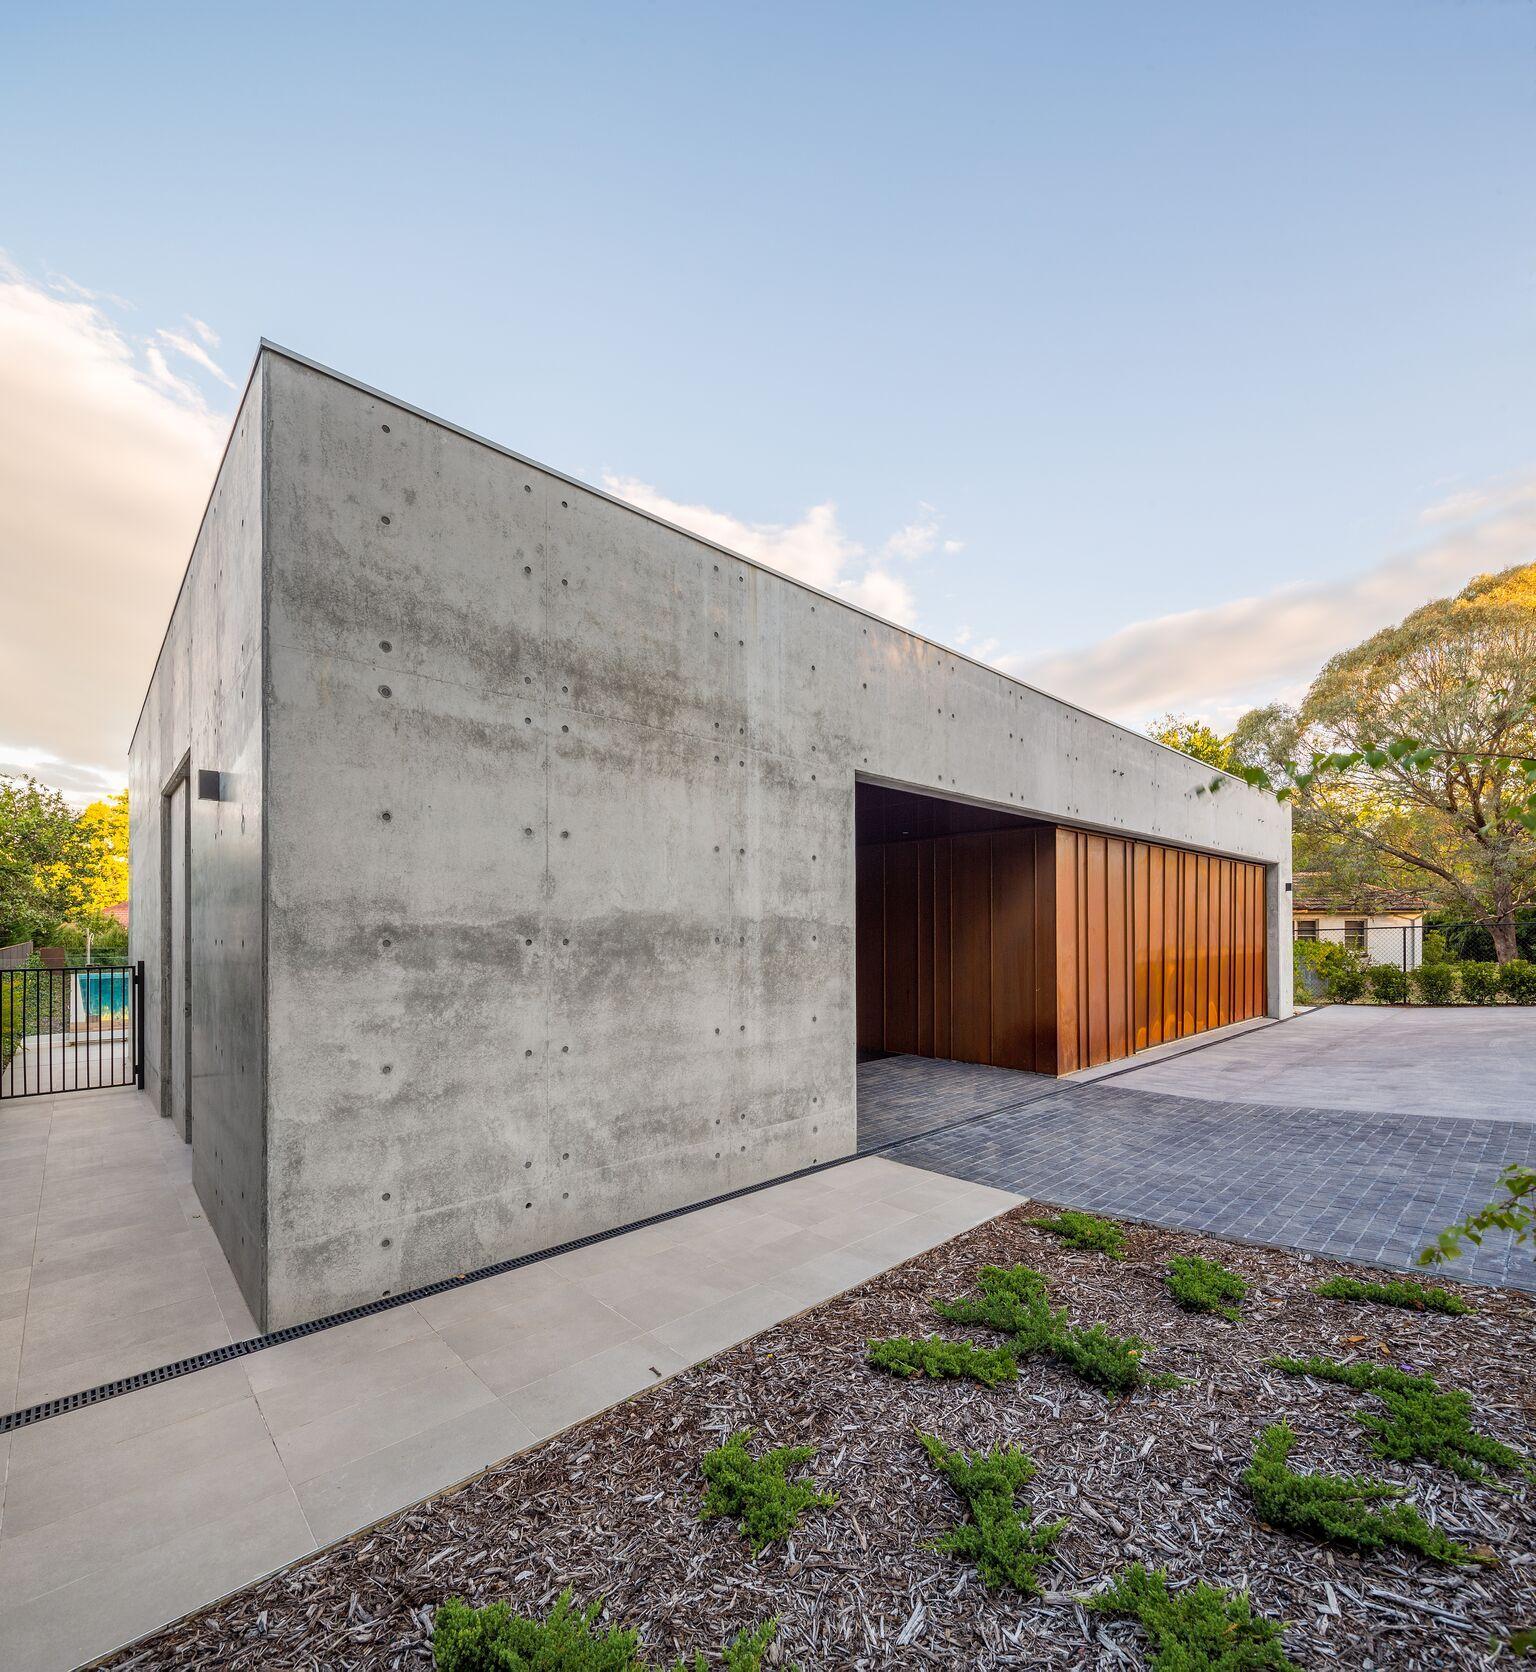 Garage Design Architecture: Corten And Concrete